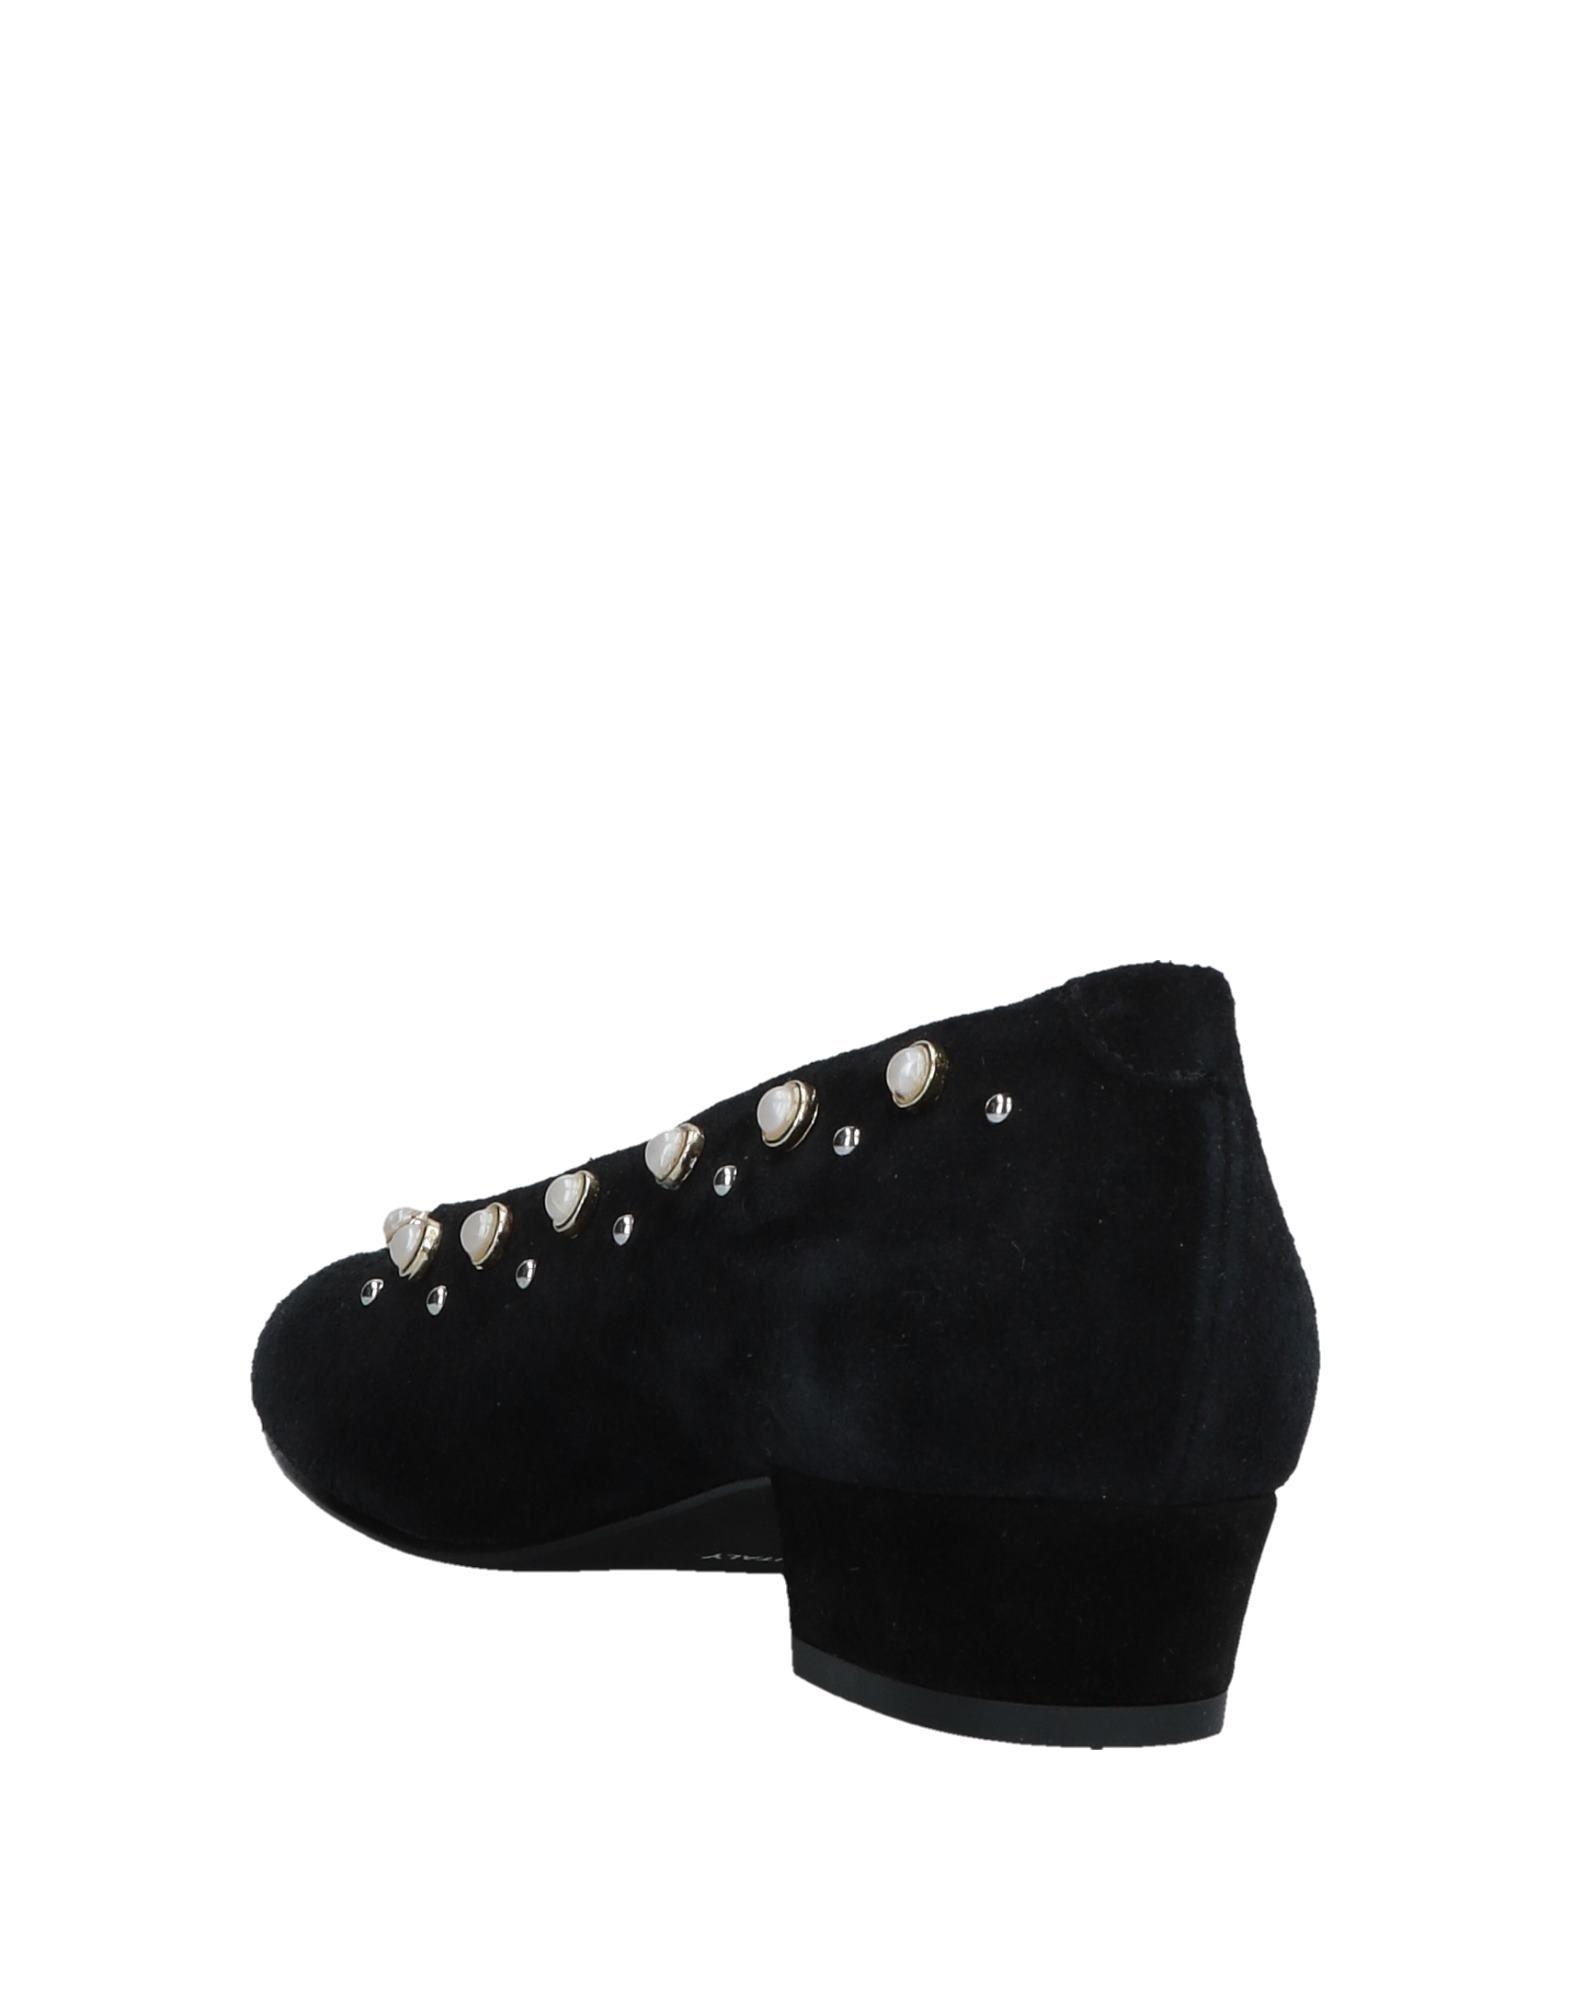 Nila & Nila Pumps Damen 11475024GN Gute Qualität beliebte beliebte beliebte Schuhe d58ea2